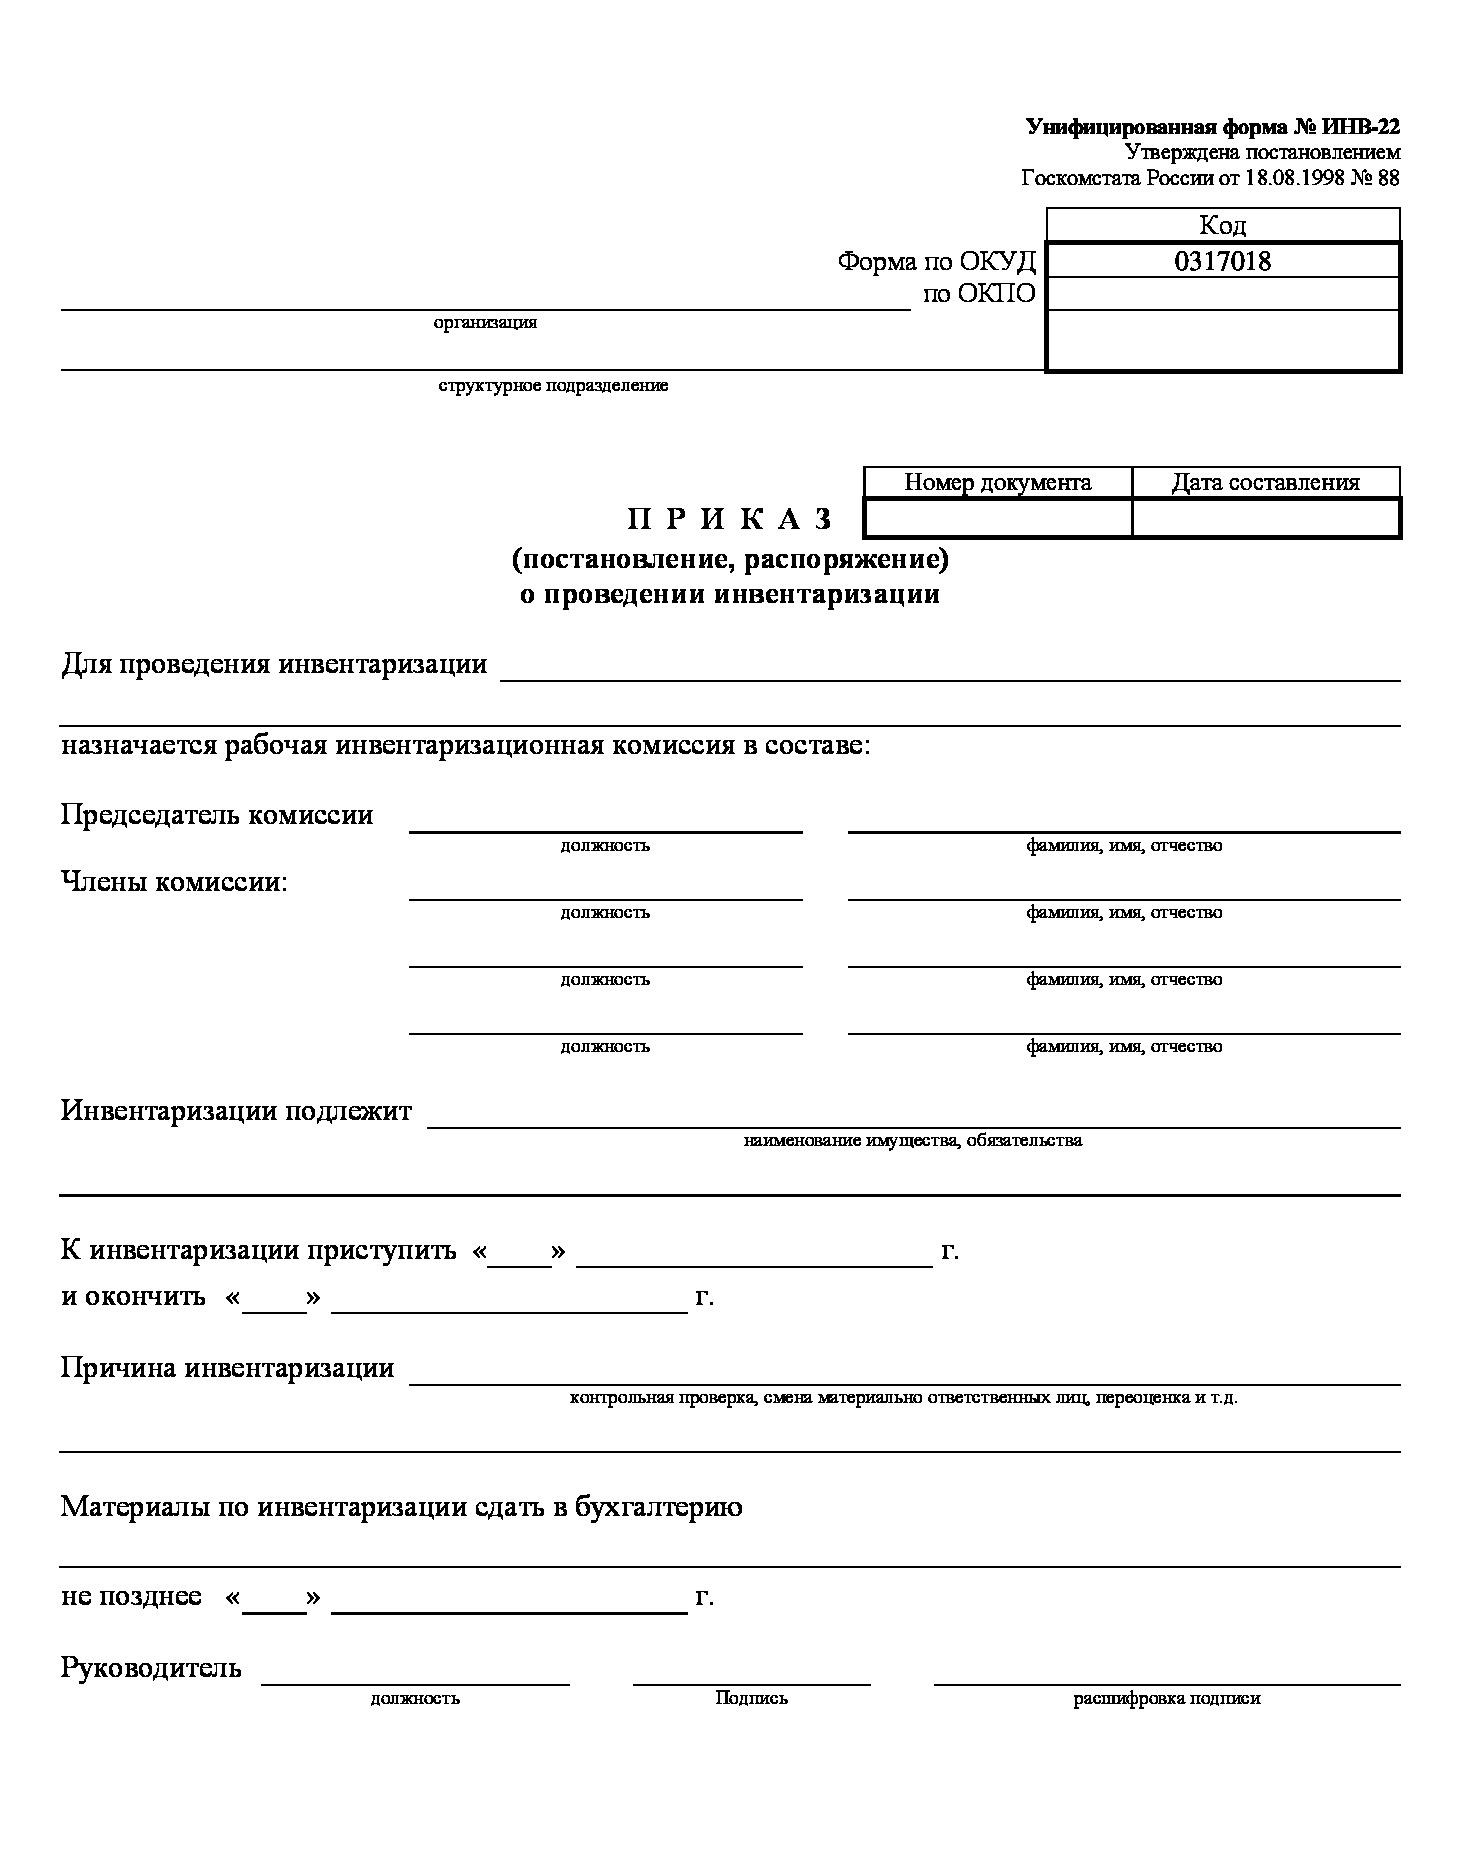 постановление госкомстата россии от 18 августа 1998 г №88 скачать